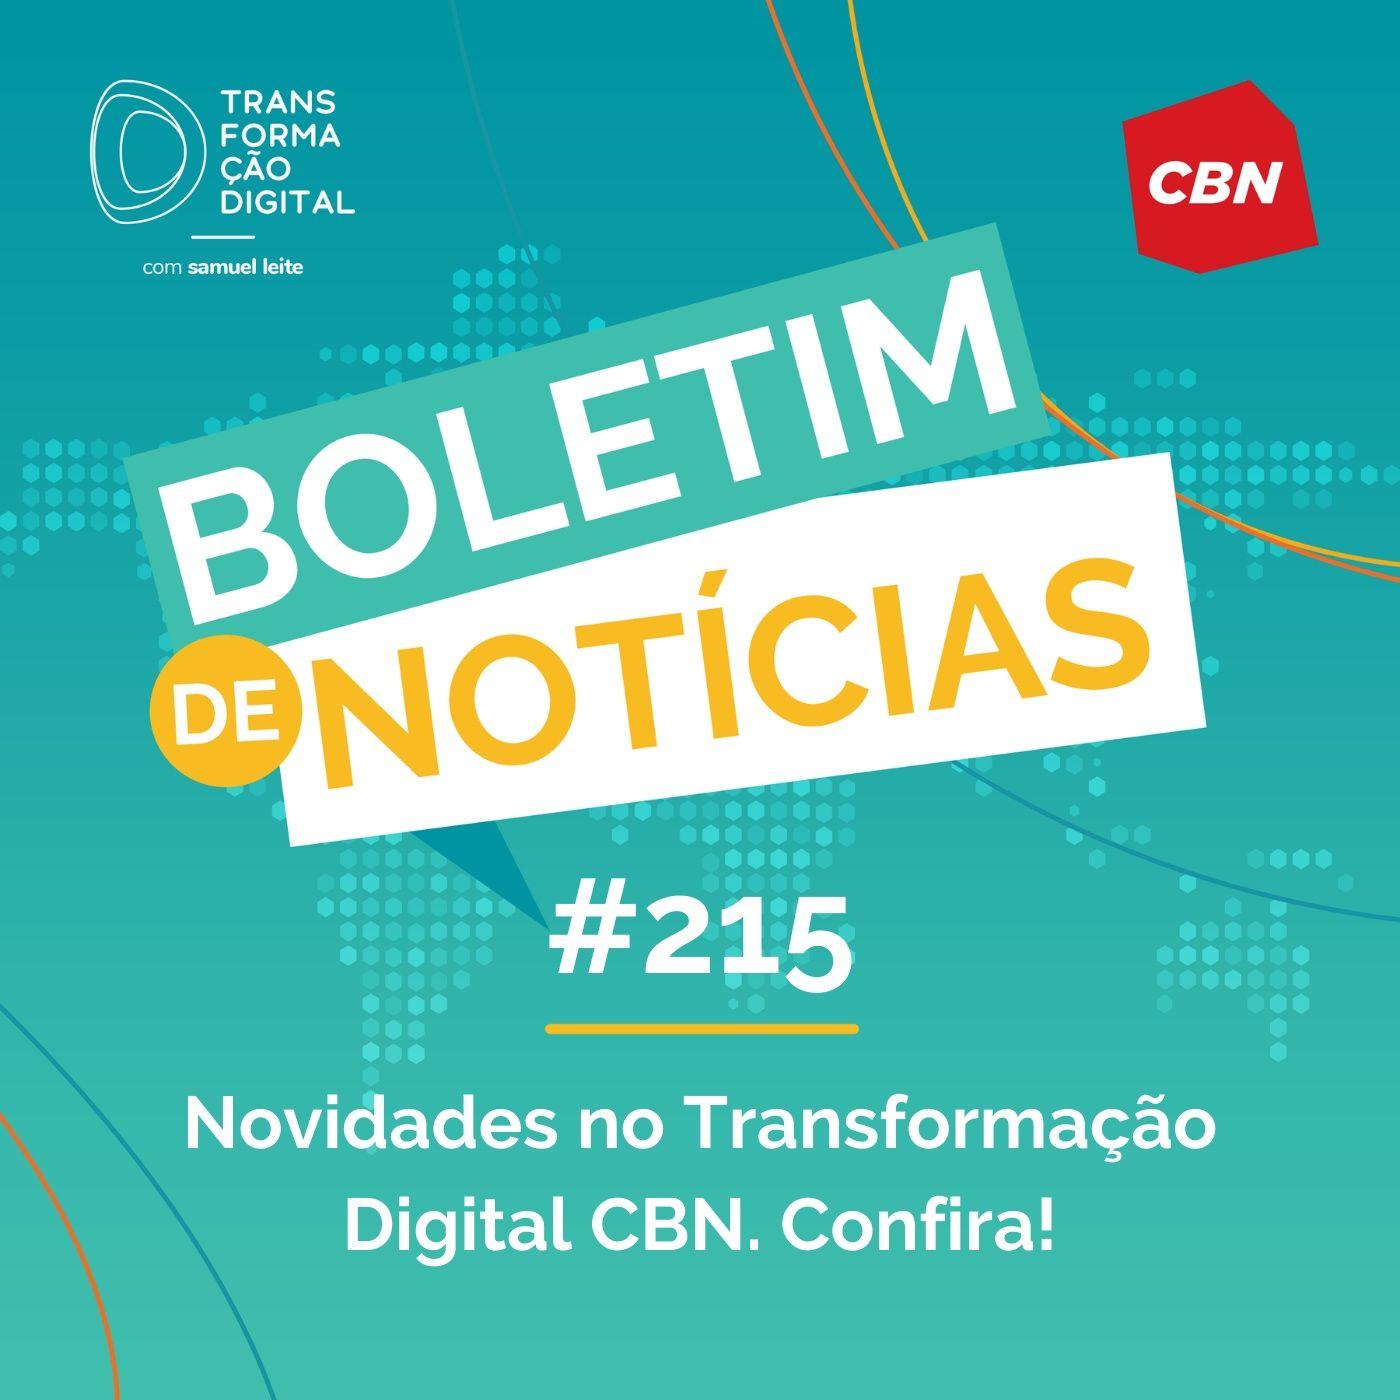 Transformação Digital CBN - Boletim de Notícias #215 - Novidades no nosso programa